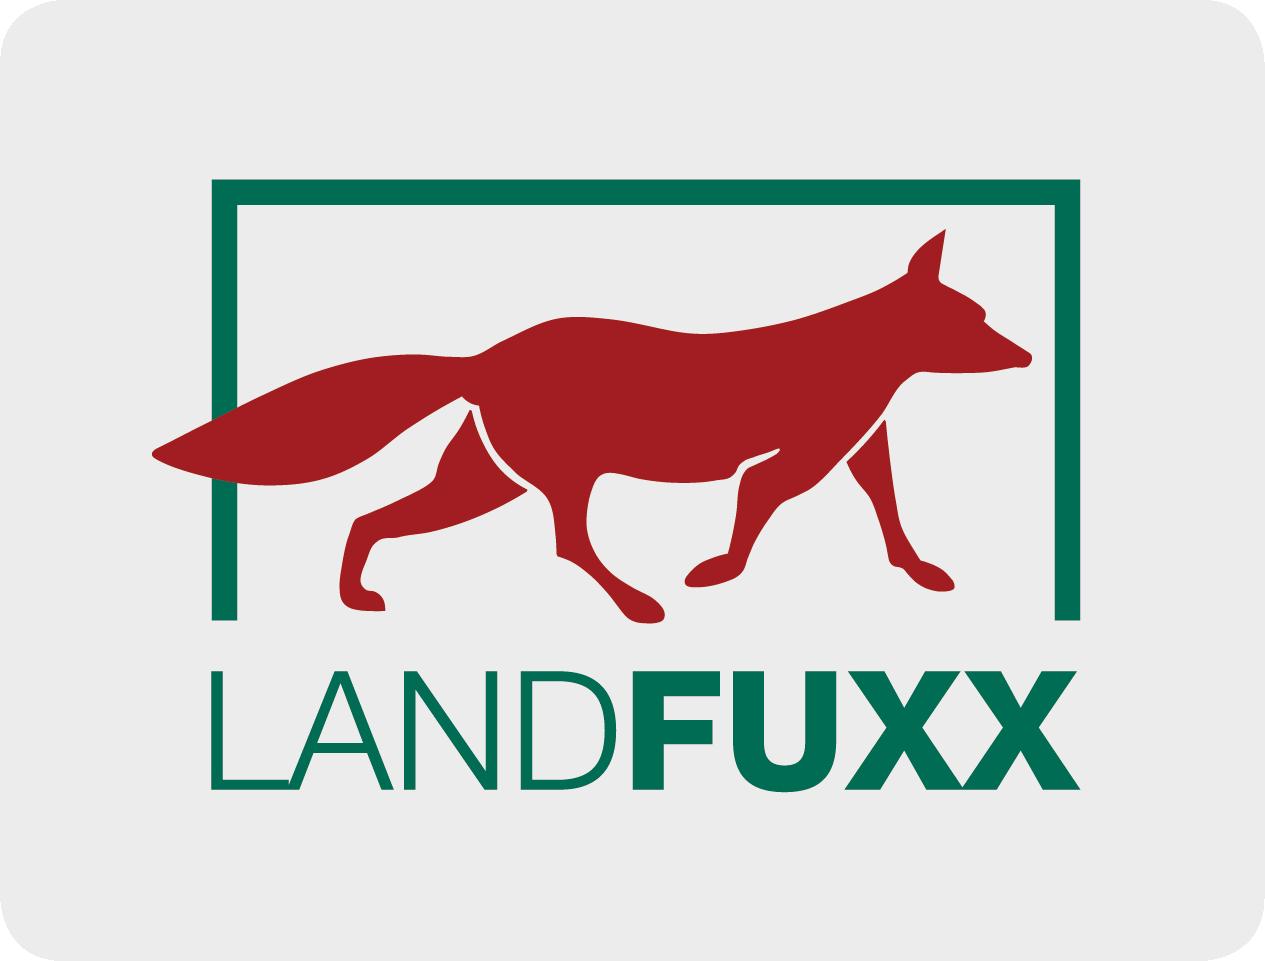 LANDFUXX Bad Bevensen Onlineshop-Logo